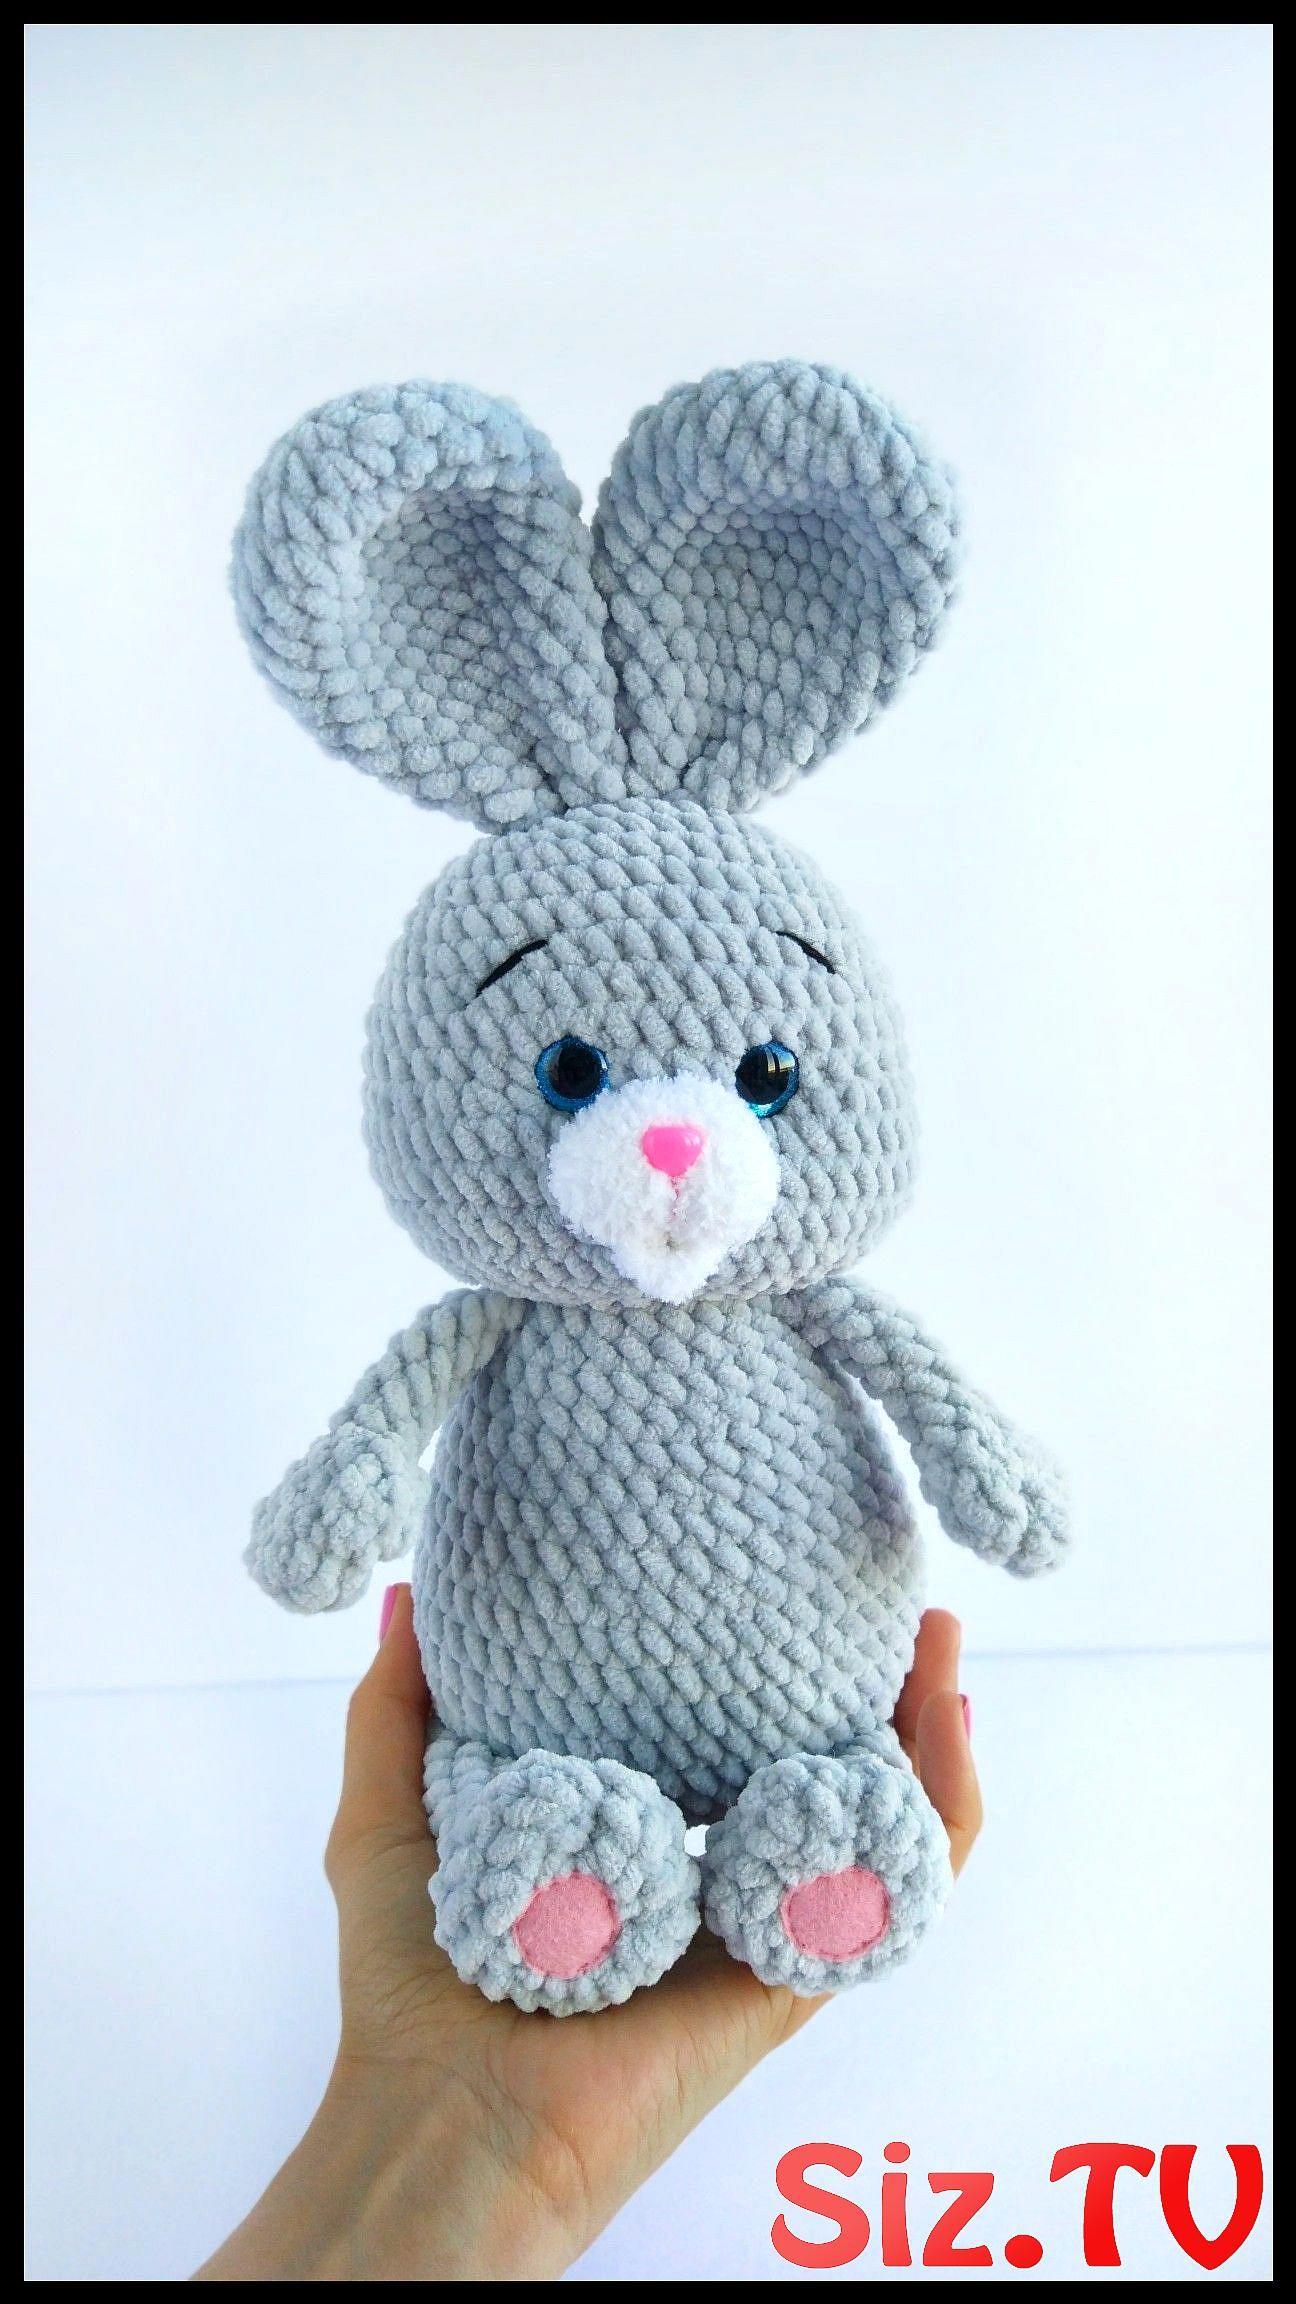 Crochet Big Flappy Ear Bunny Amigurumi Free Pattern | 2304x1296